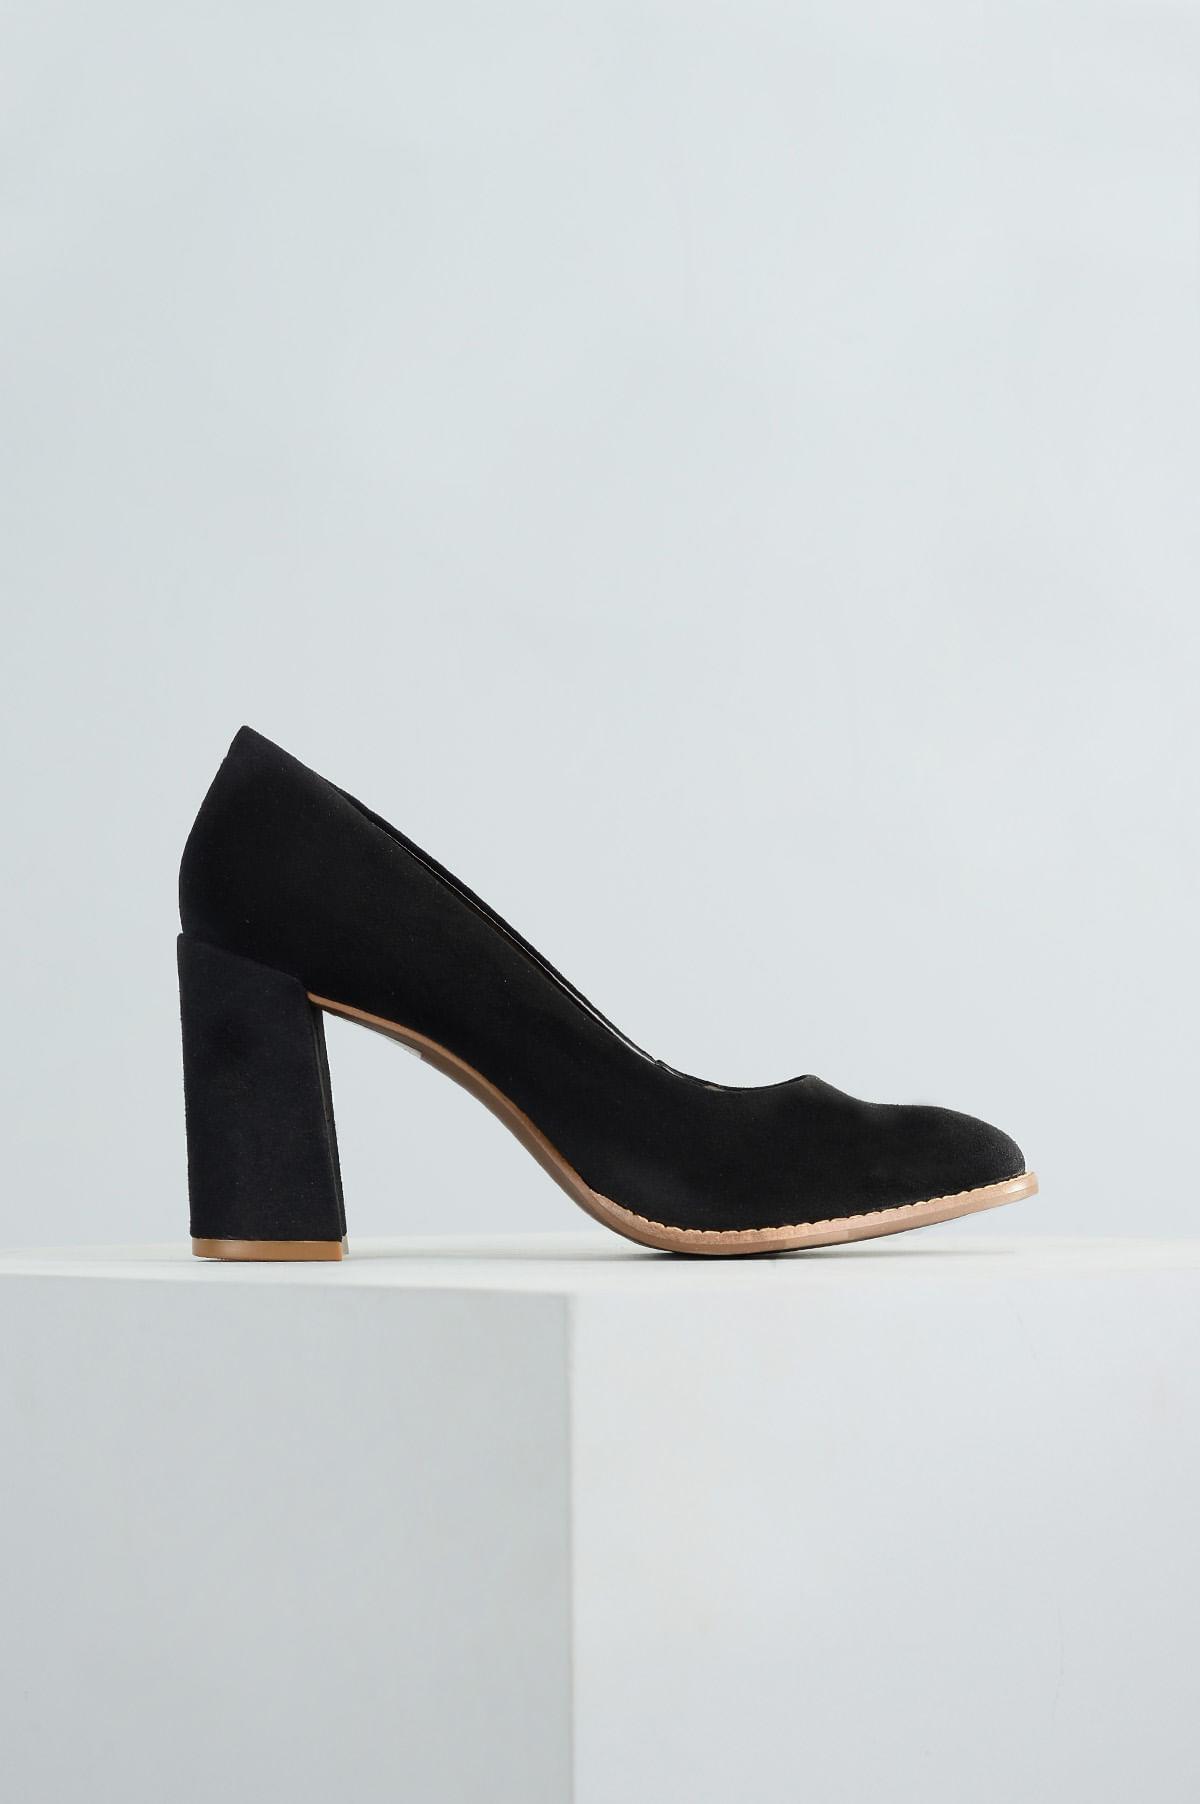 8c279088c1 Sapato Feminino Salto Alto Blaise Mundial CAM - PRETO - Mundial Calçados